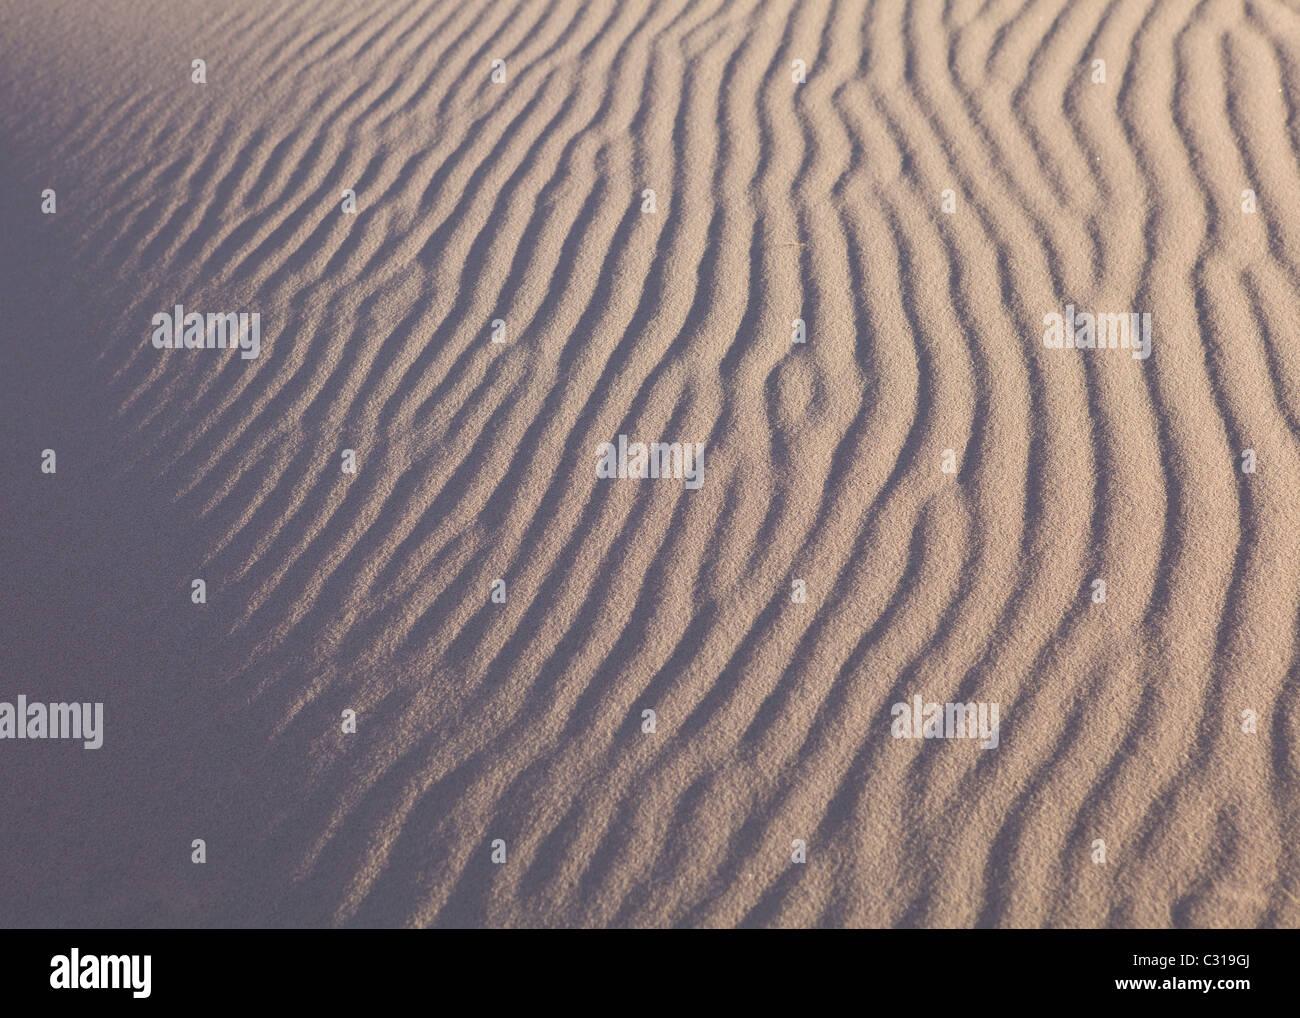 Wind ripples on desert sand - Mojave desert , California USA - Stock Image